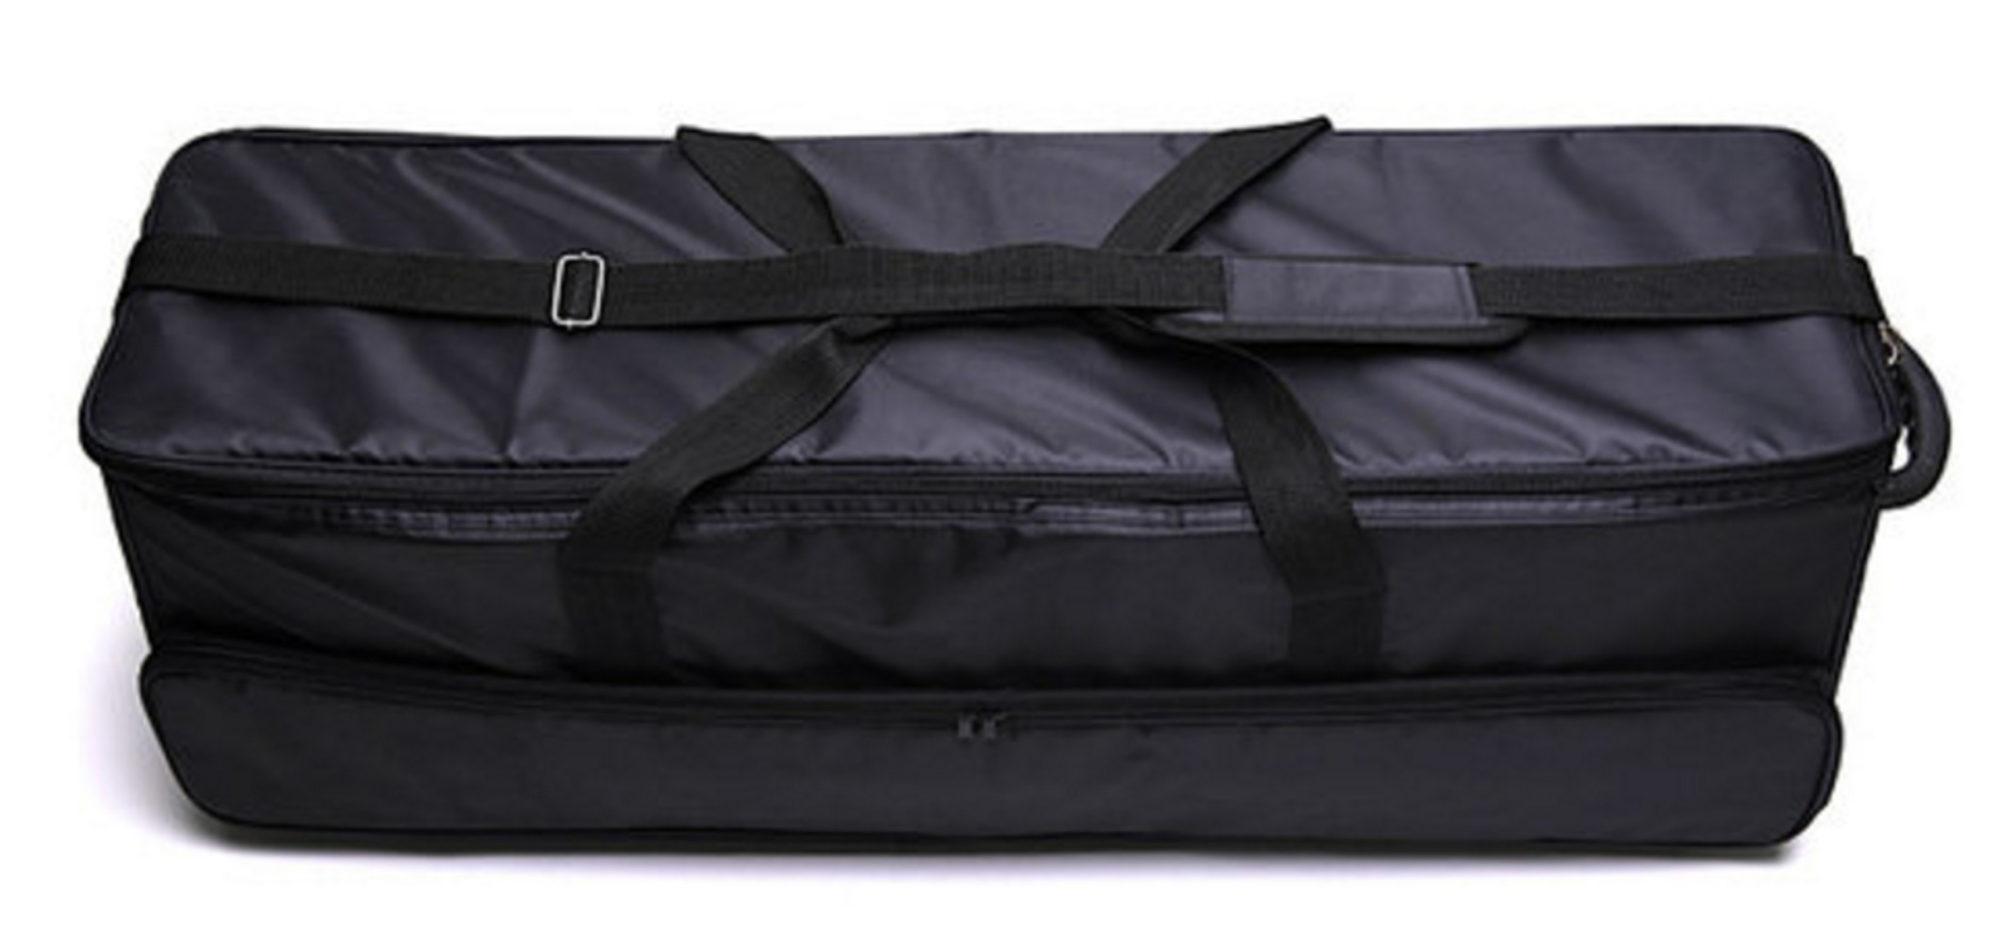 bresser b 4 studiotasche mit rollen und ausziehbarem griff hier online bestellen. Black Bedroom Furniture Sets. Home Design Ideas